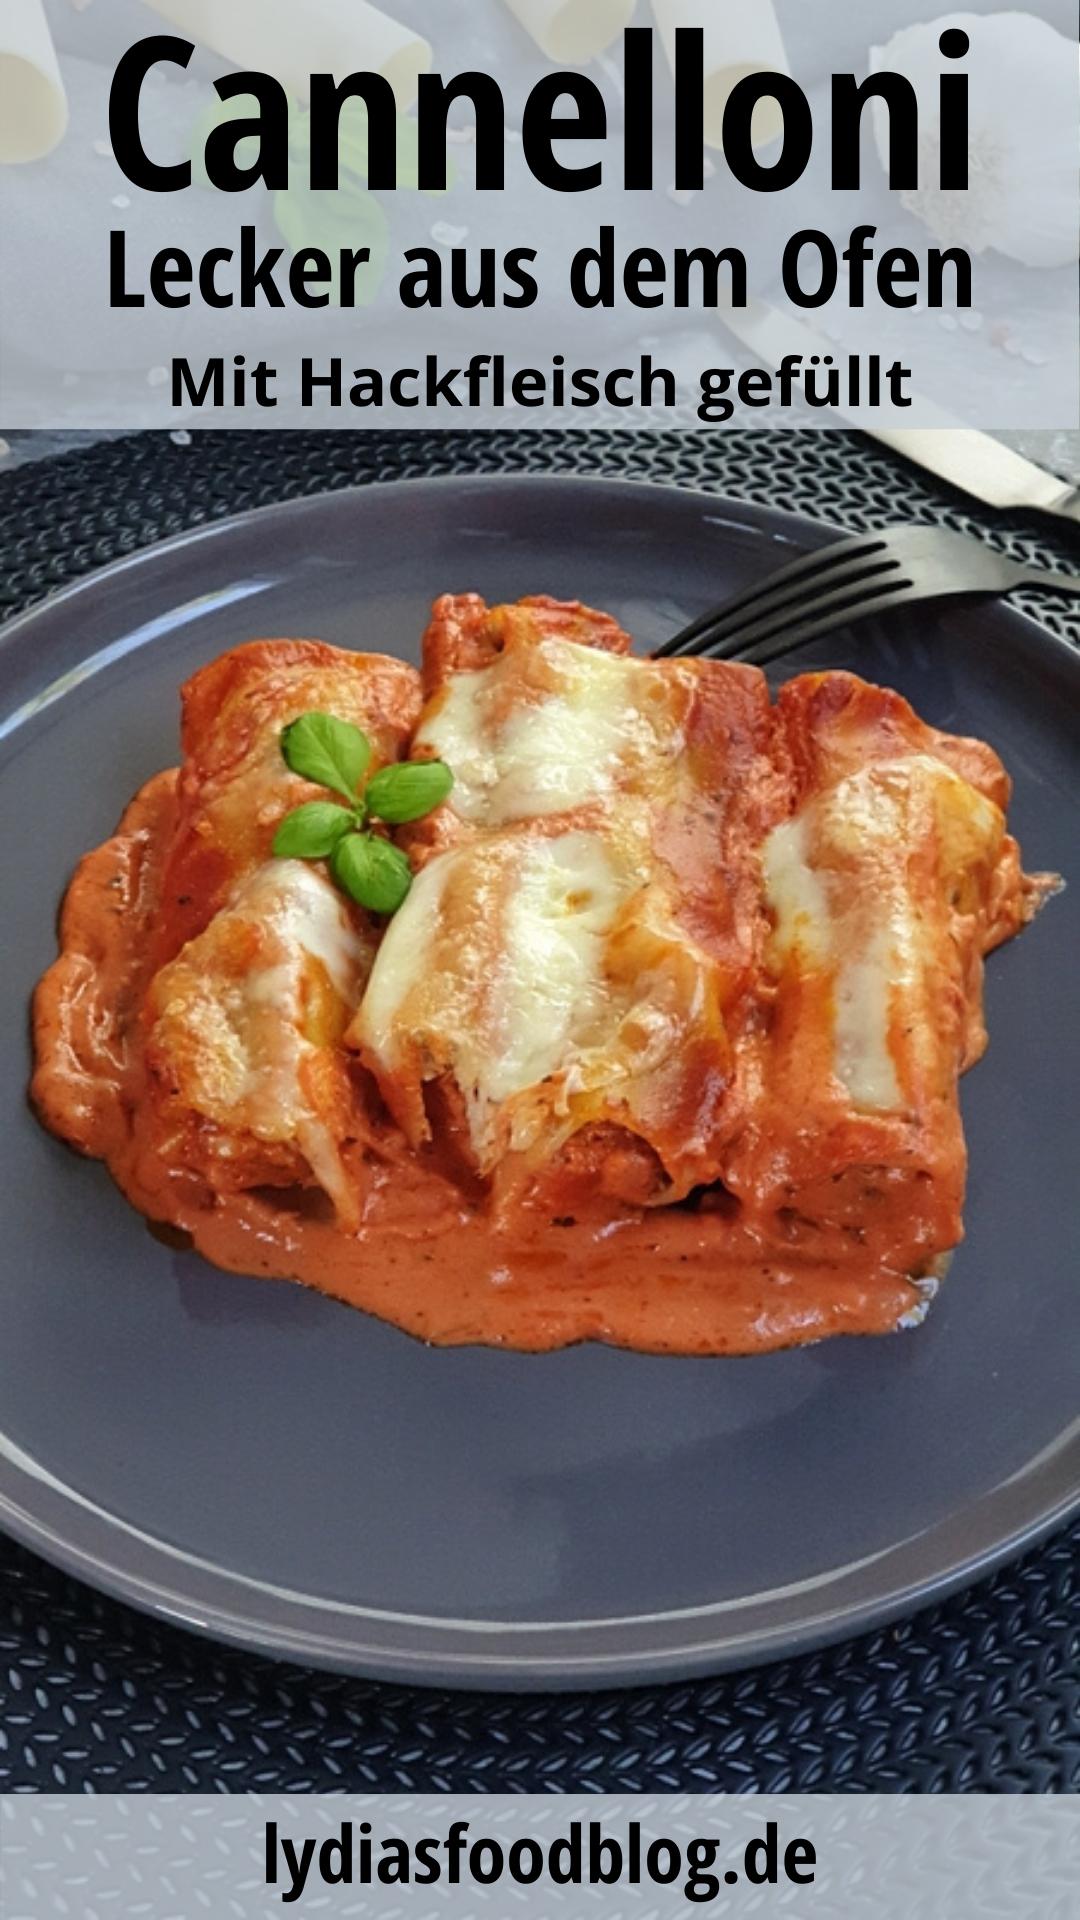 Cannelloni mit Hackfleisch und Mozzarella aus dem Ofen, Rezept  #gesundesessen